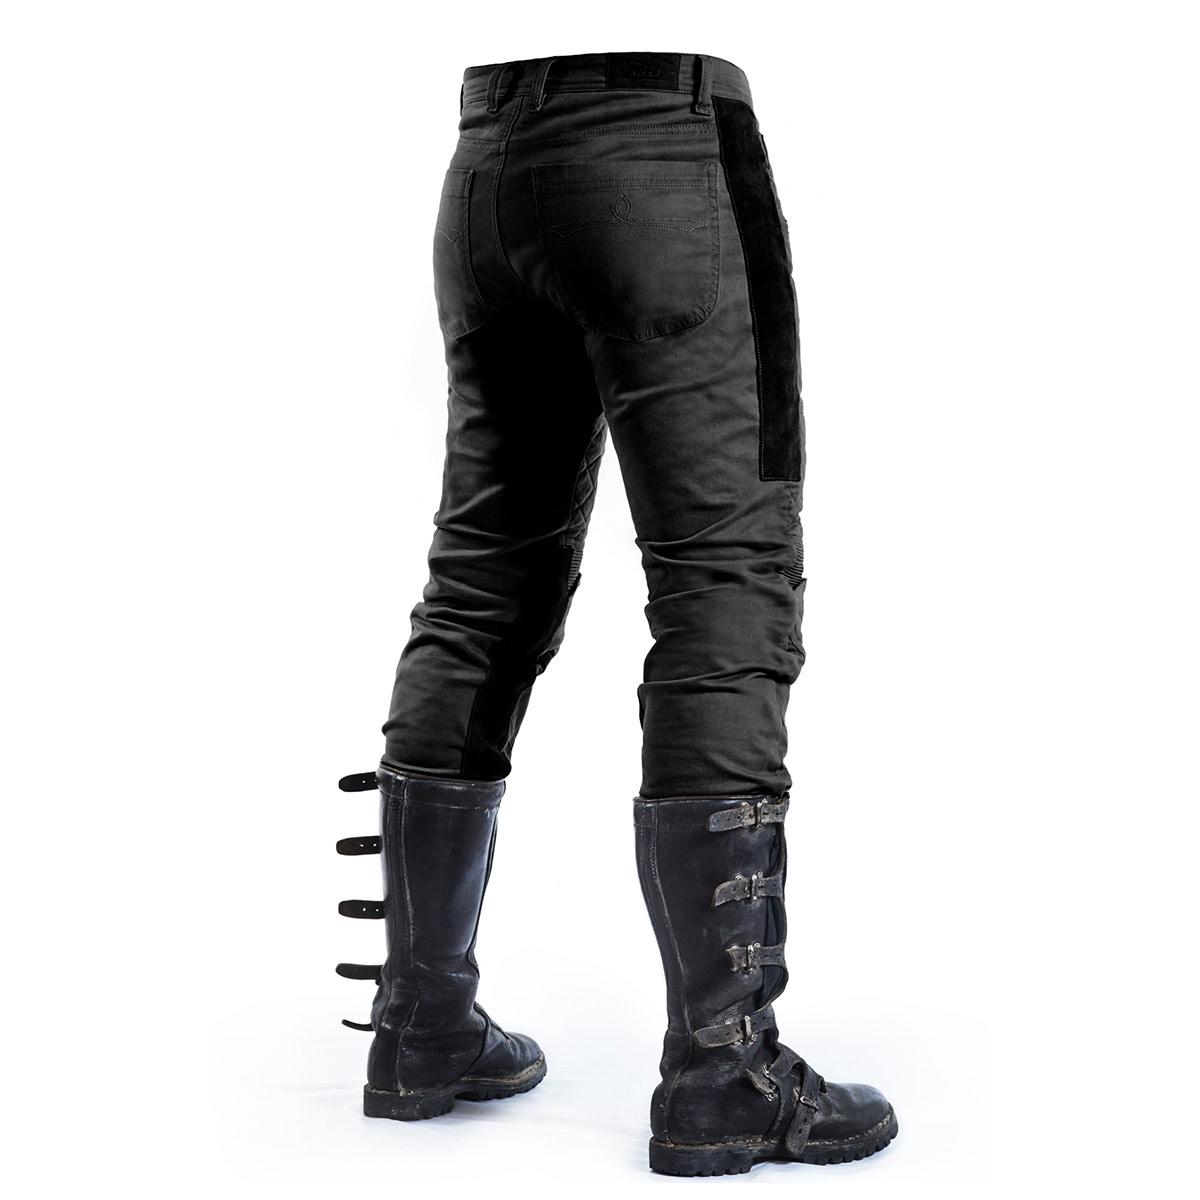 Fuel Sergeant Black Pants